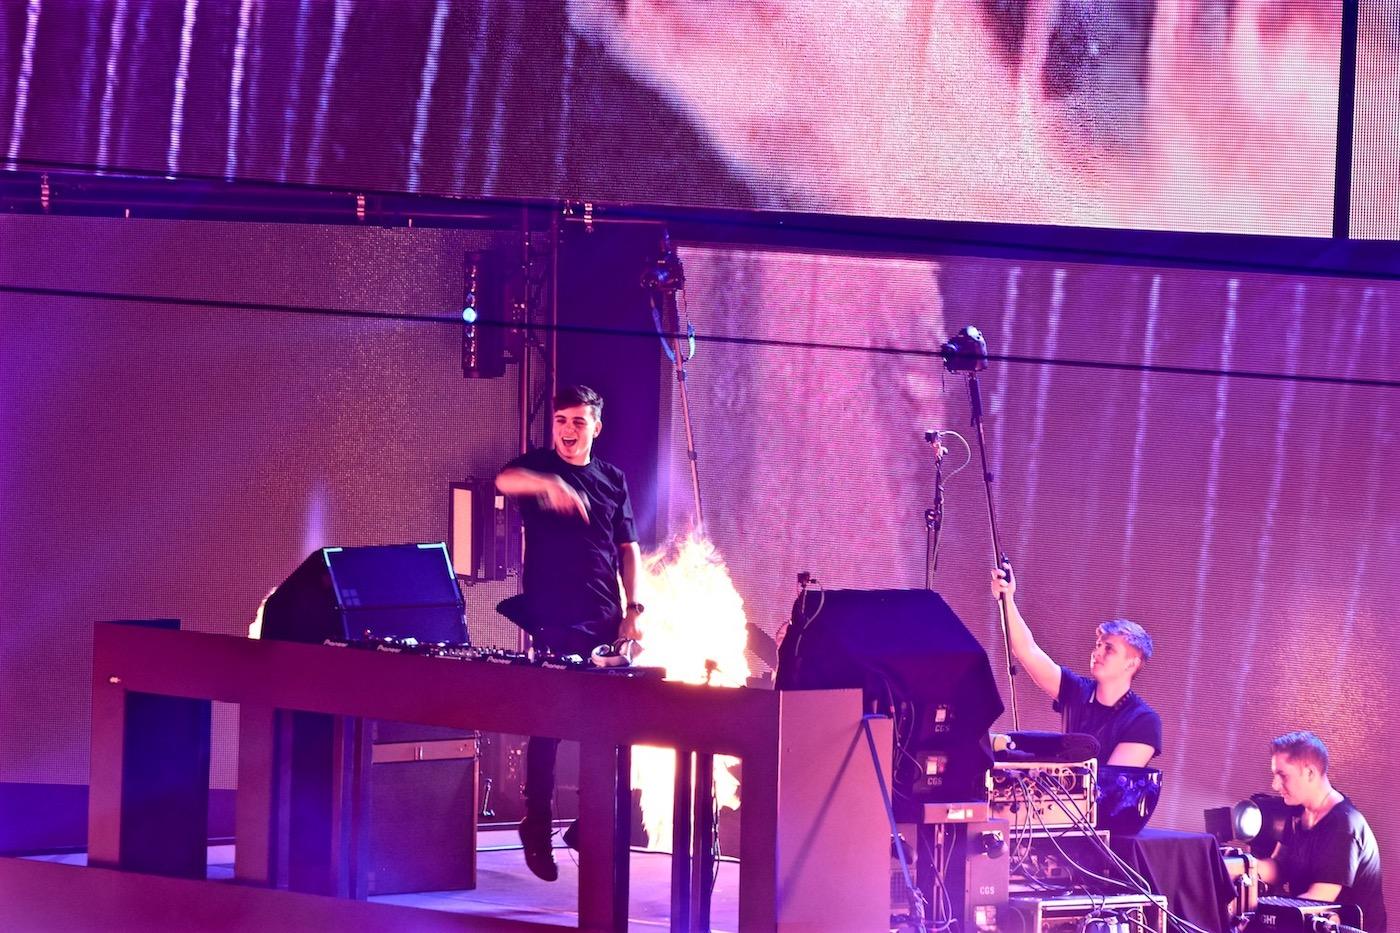 Martin Garrix war der Headliner des Abends.